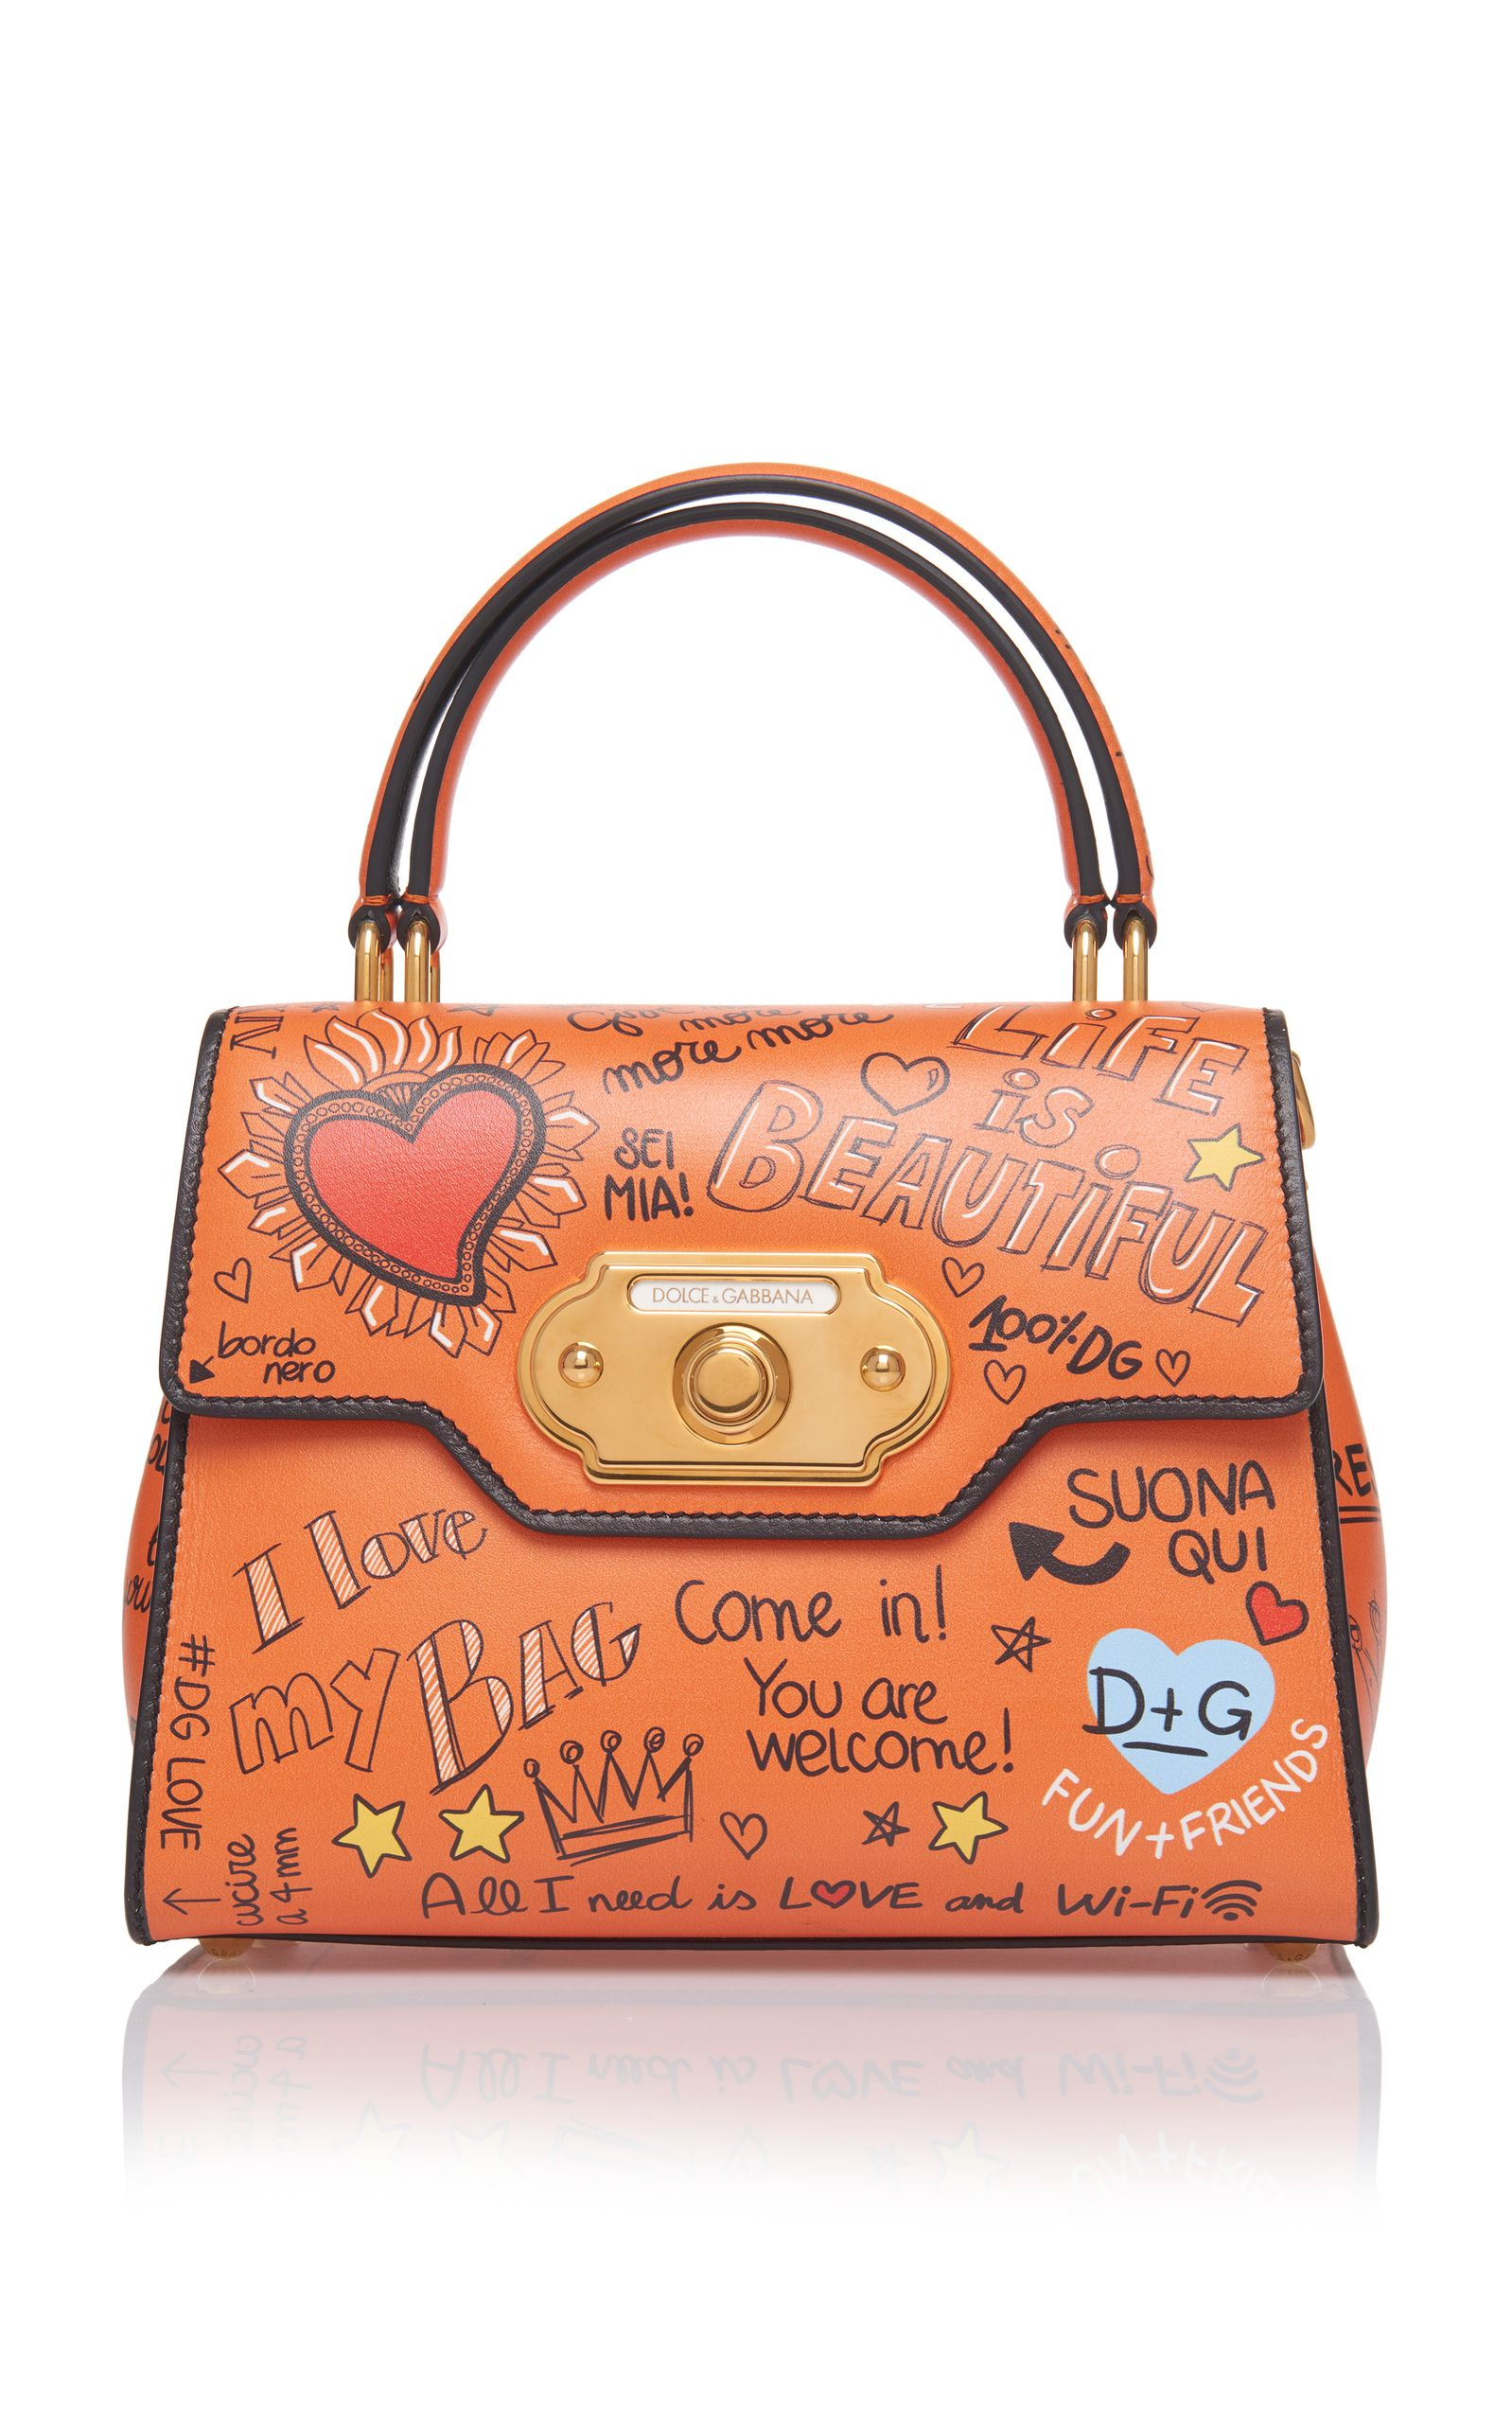 Dolce Gabbana Medium Graffiti Welcome Bag